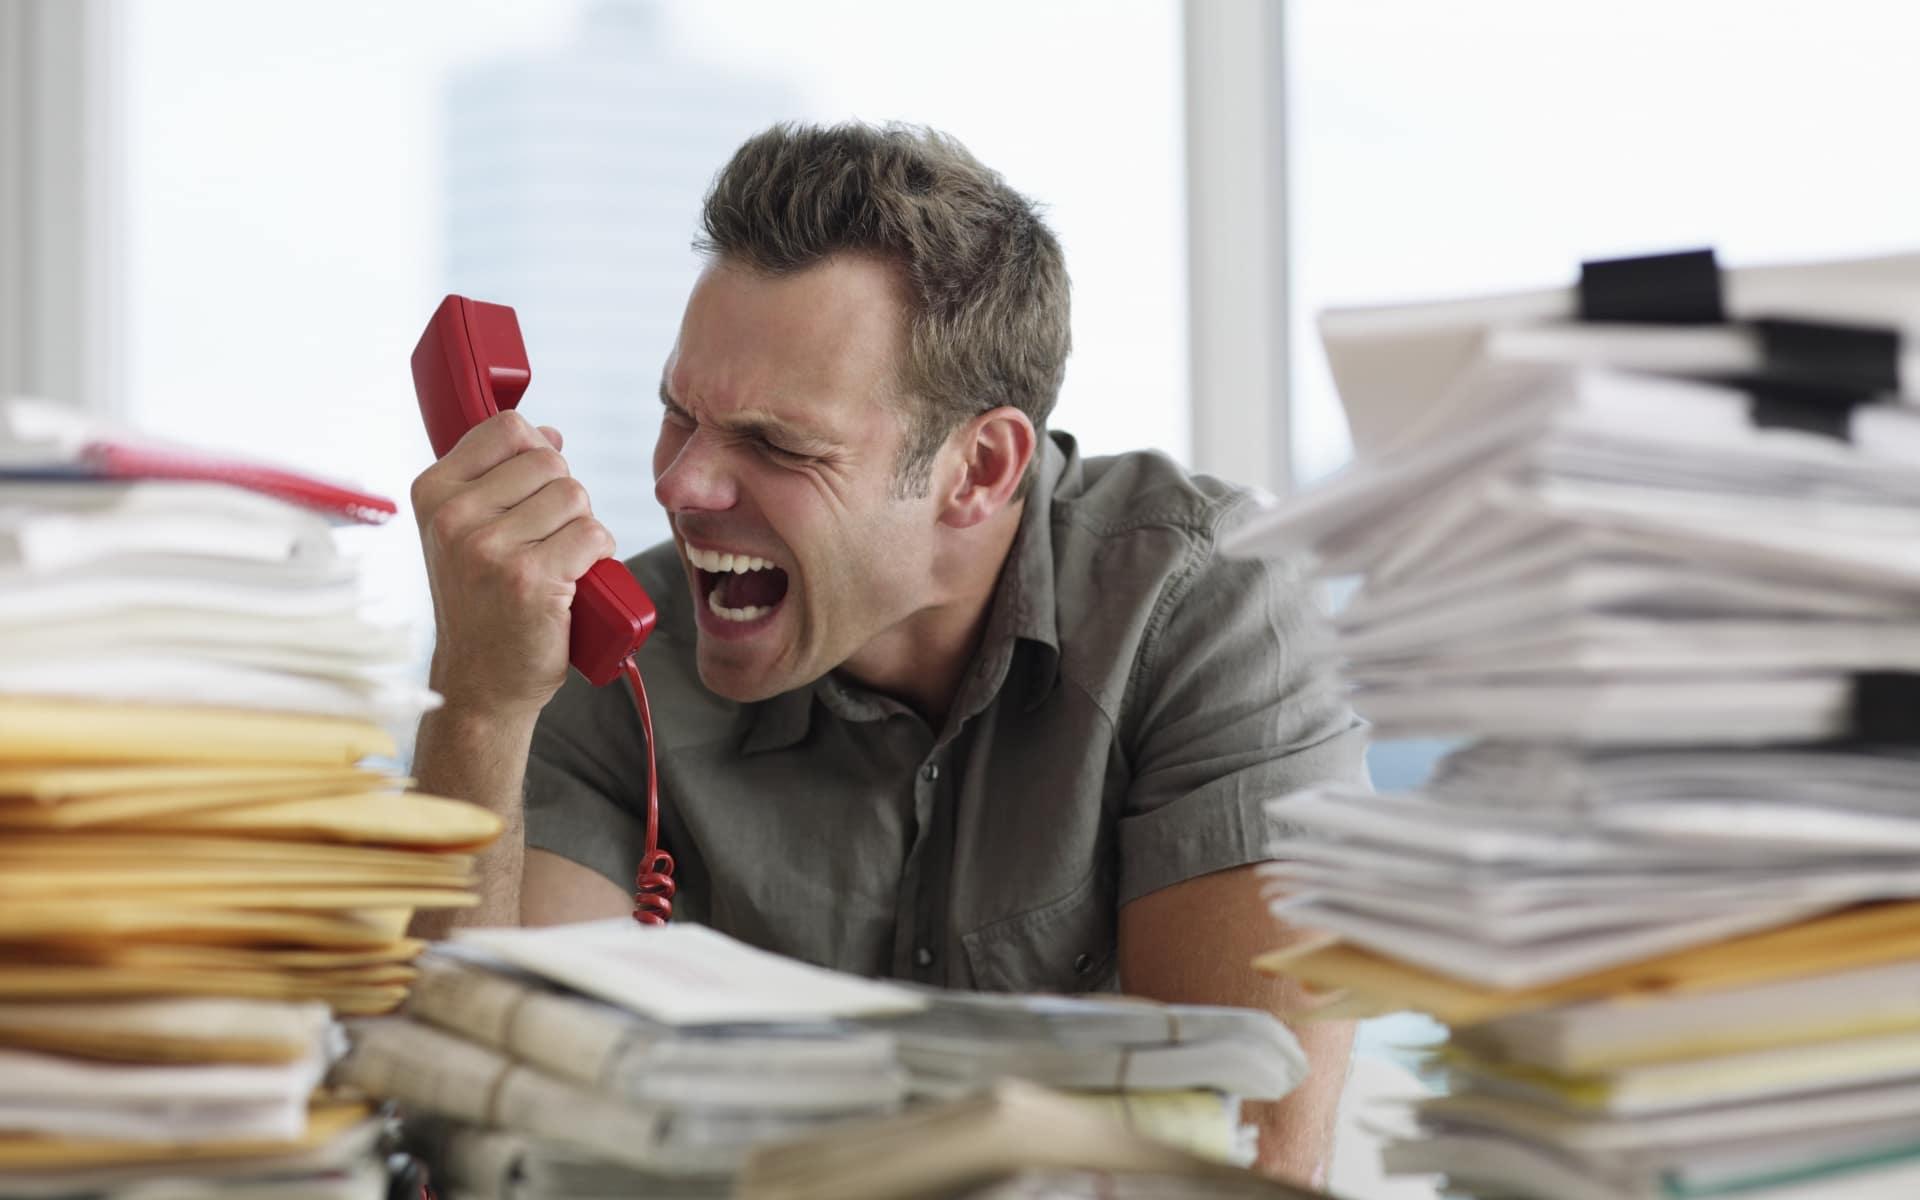 Конфликты на работе: сохраняем спокойствие